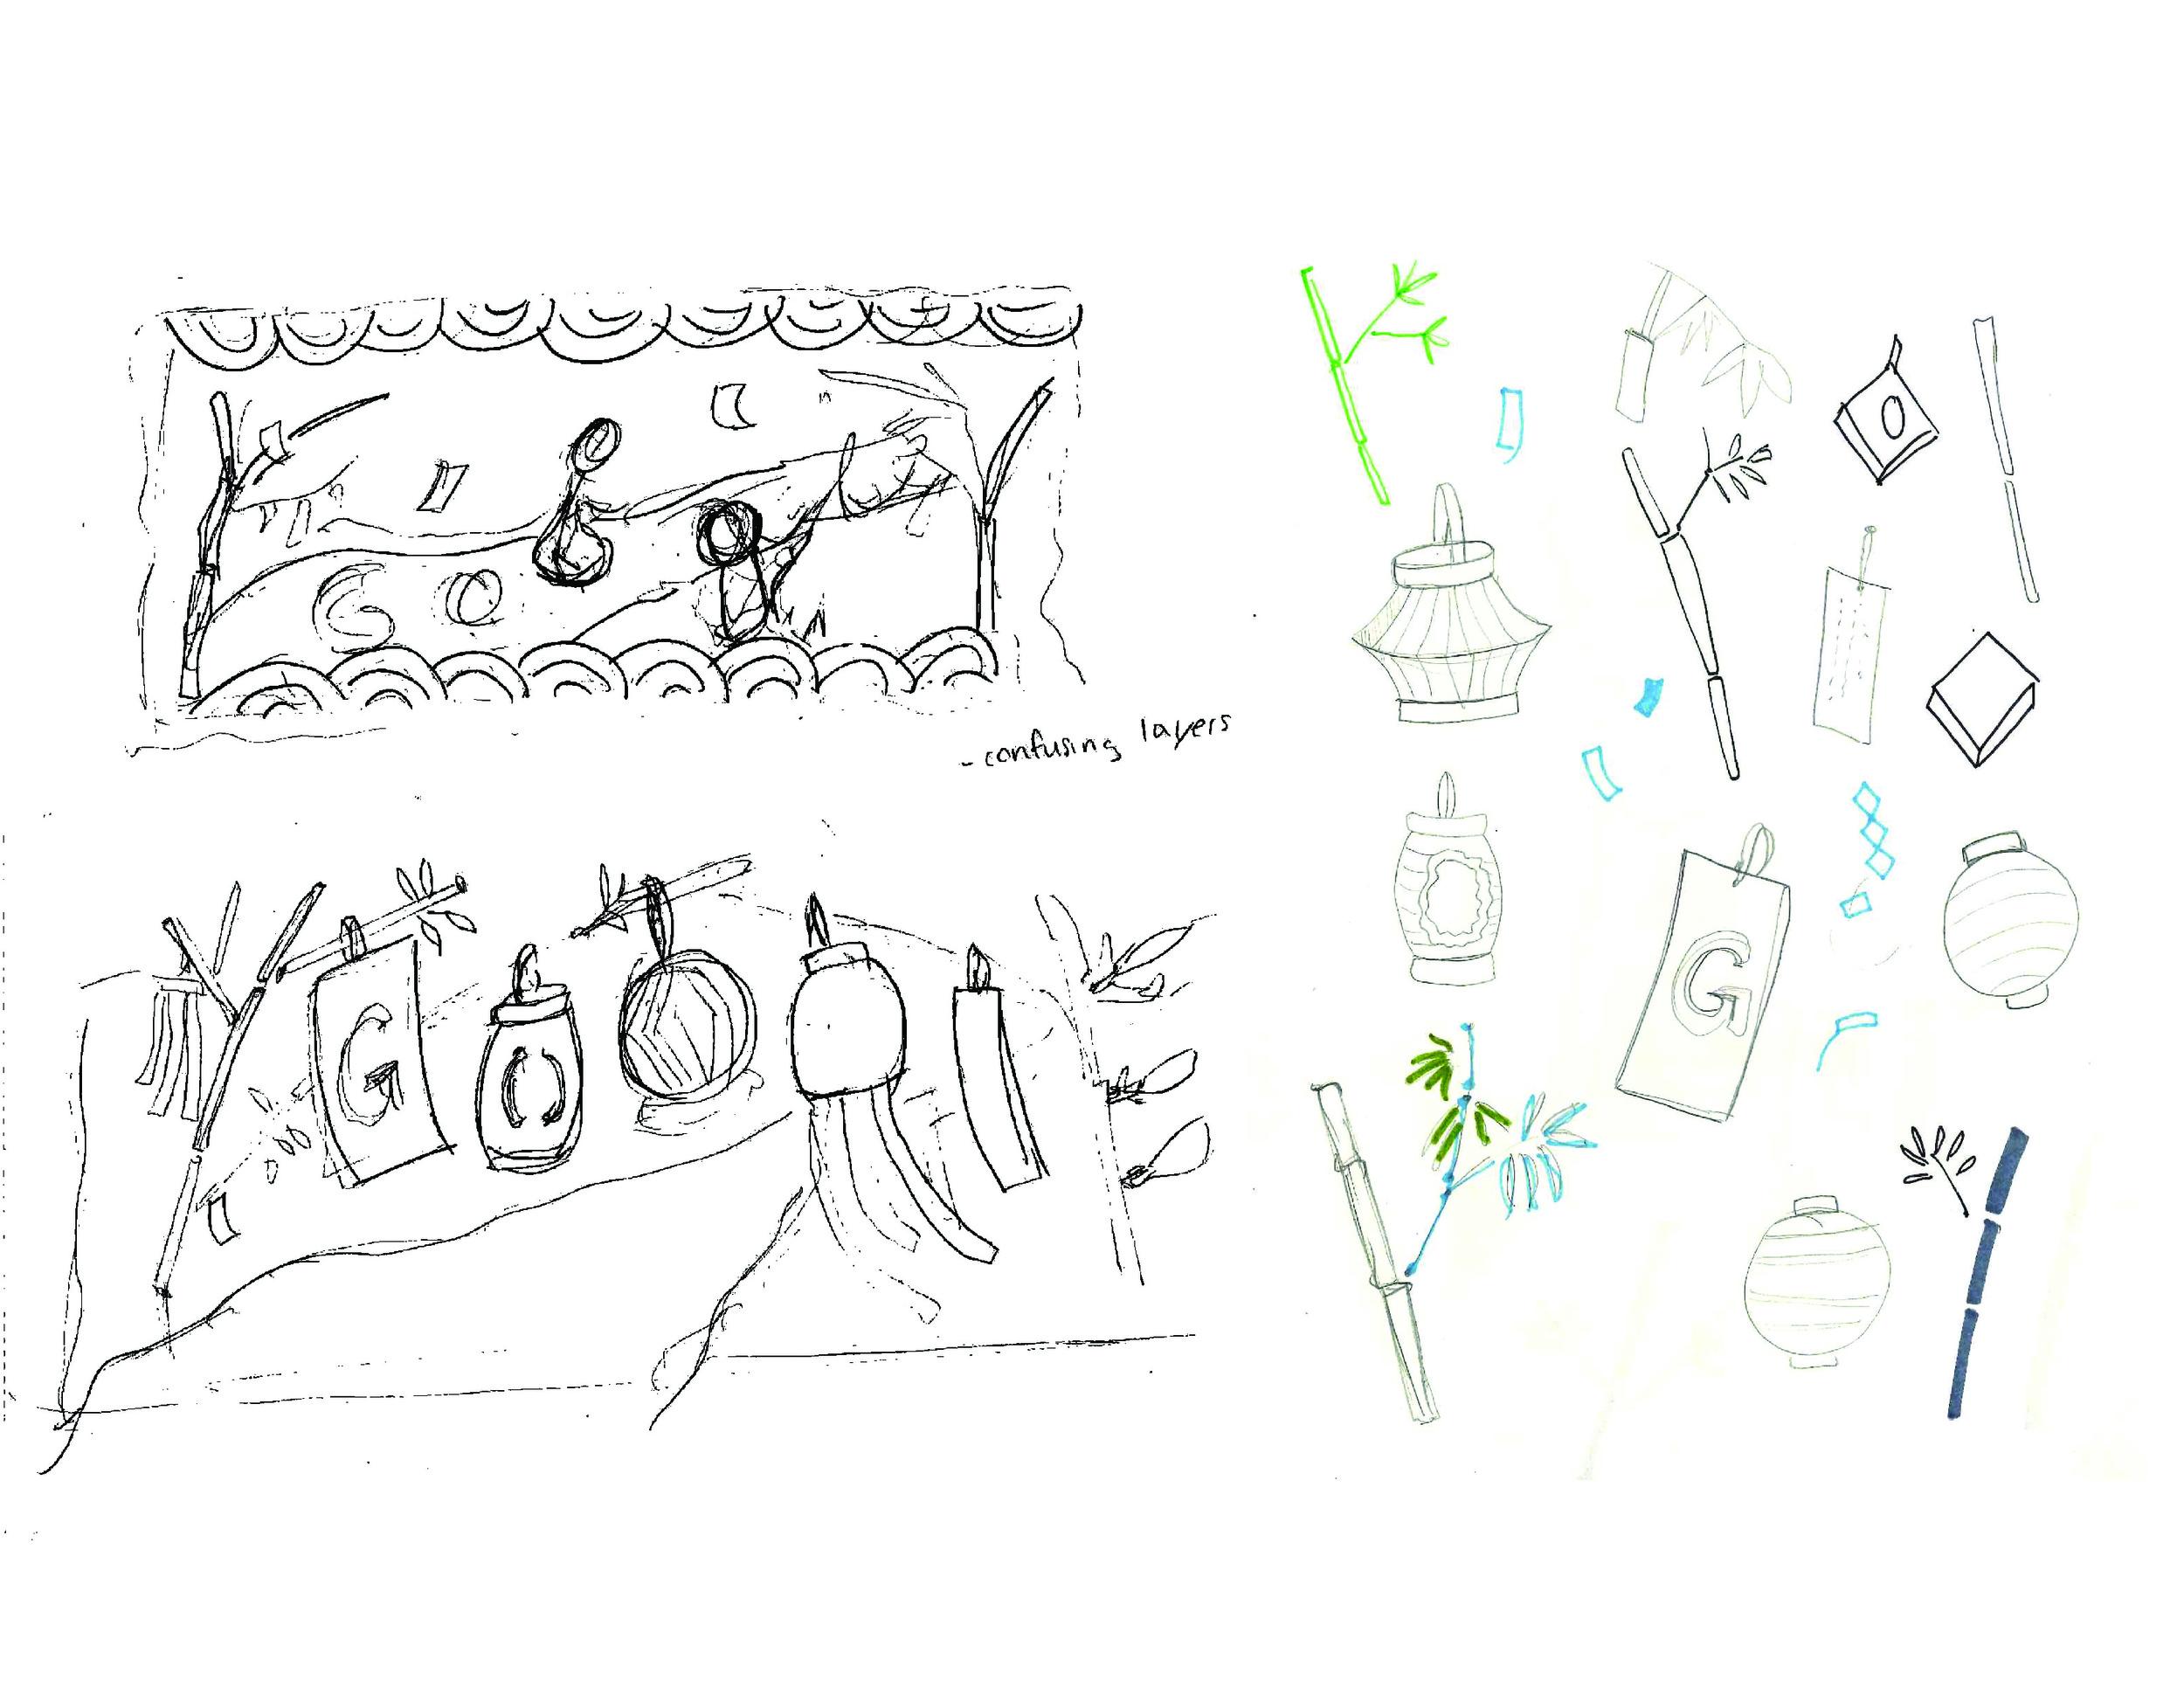 tanabata_sketches-05.jpg